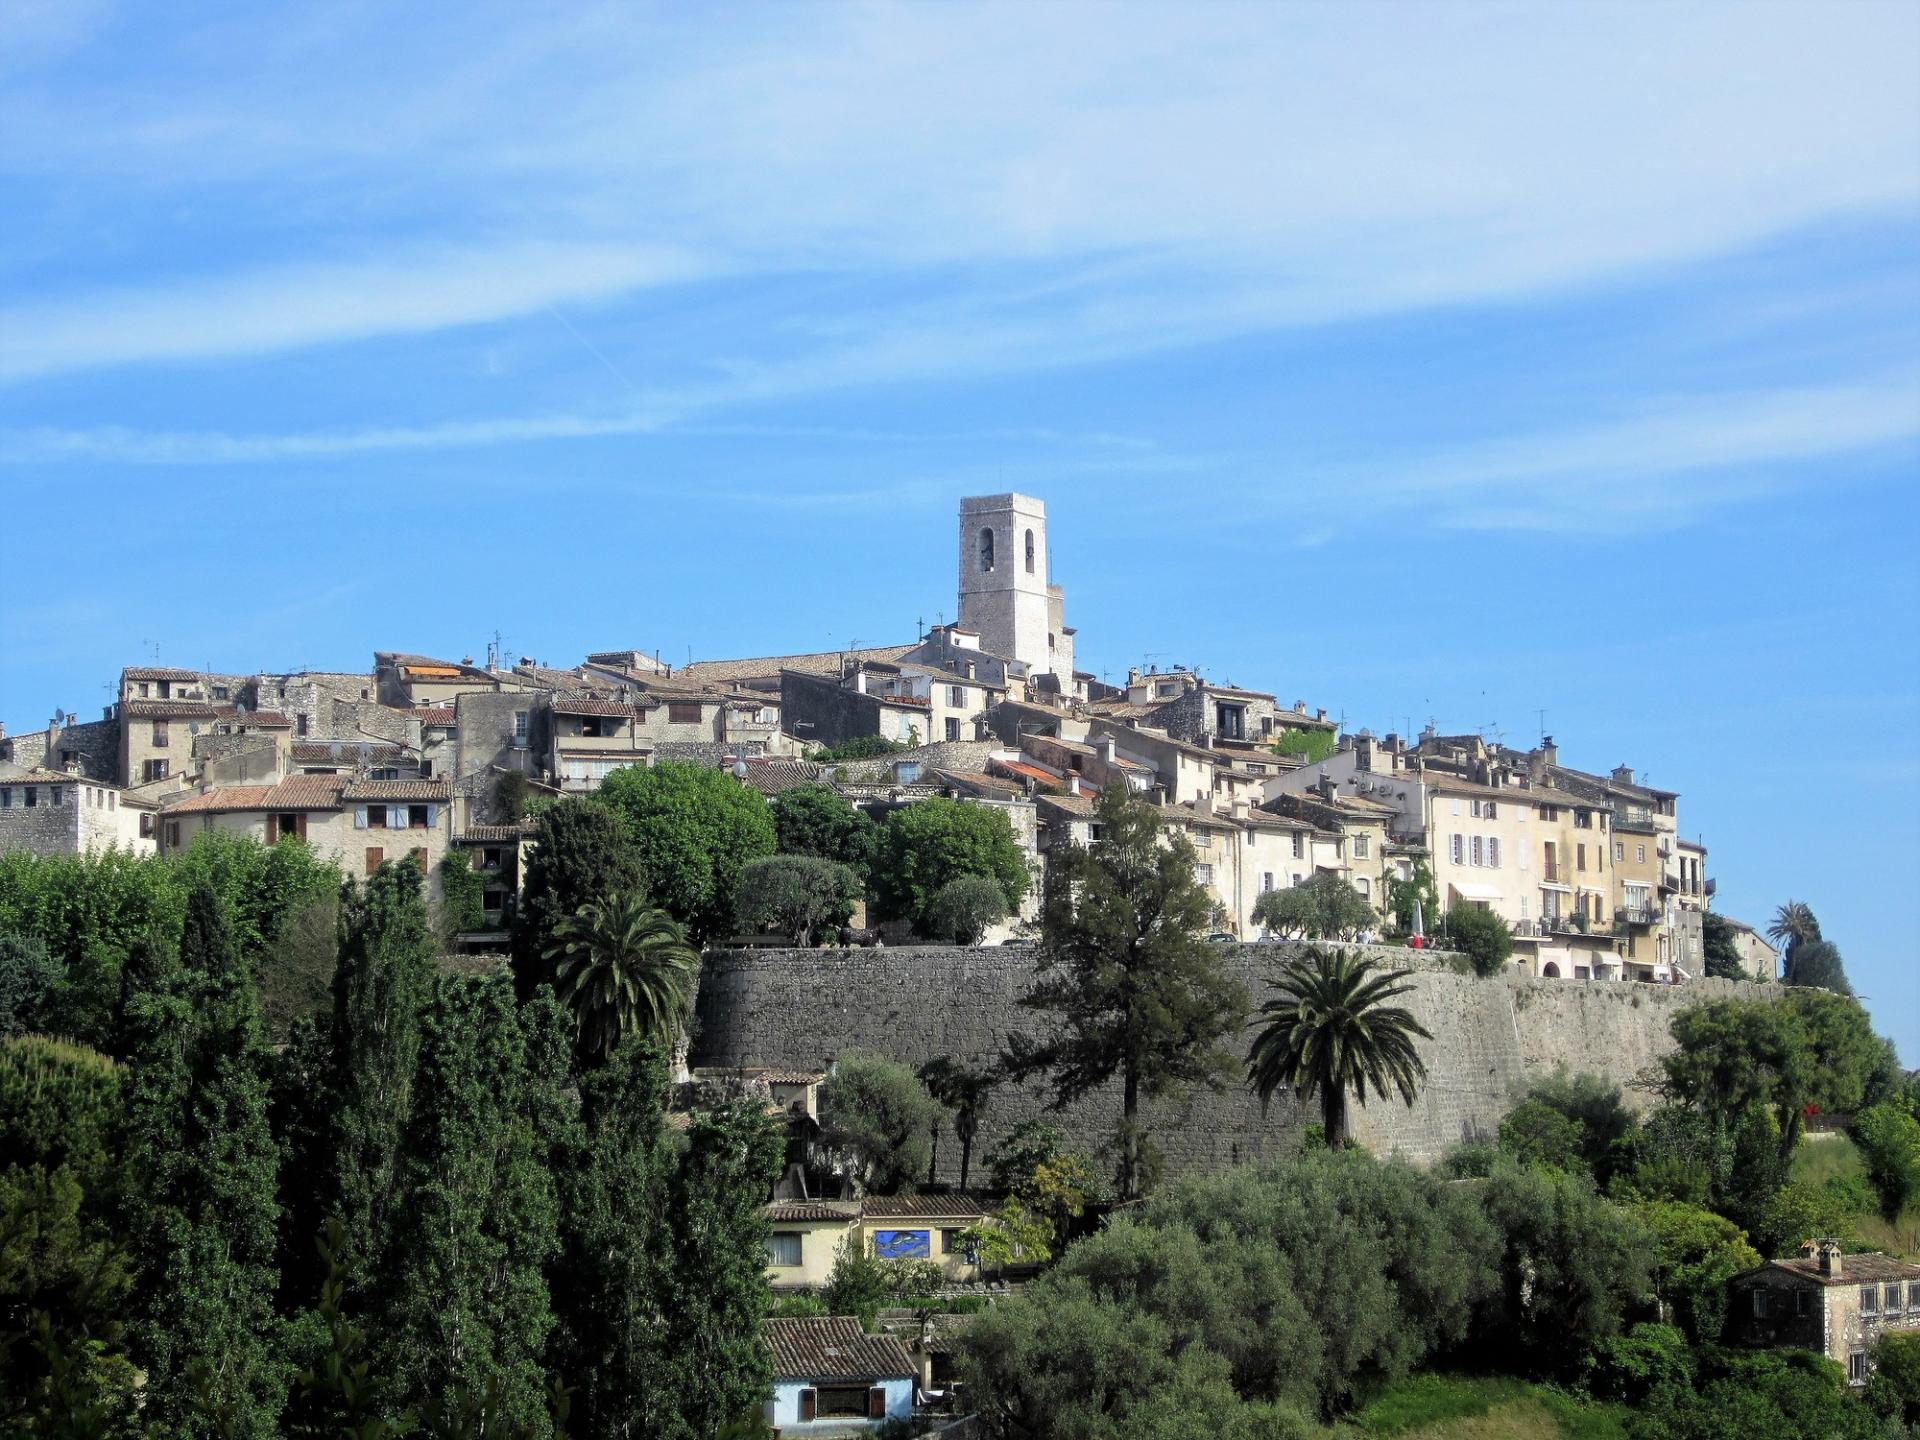 Bezoek Saint-Paul de Vence vanuit SINE TEMPORE VENCE